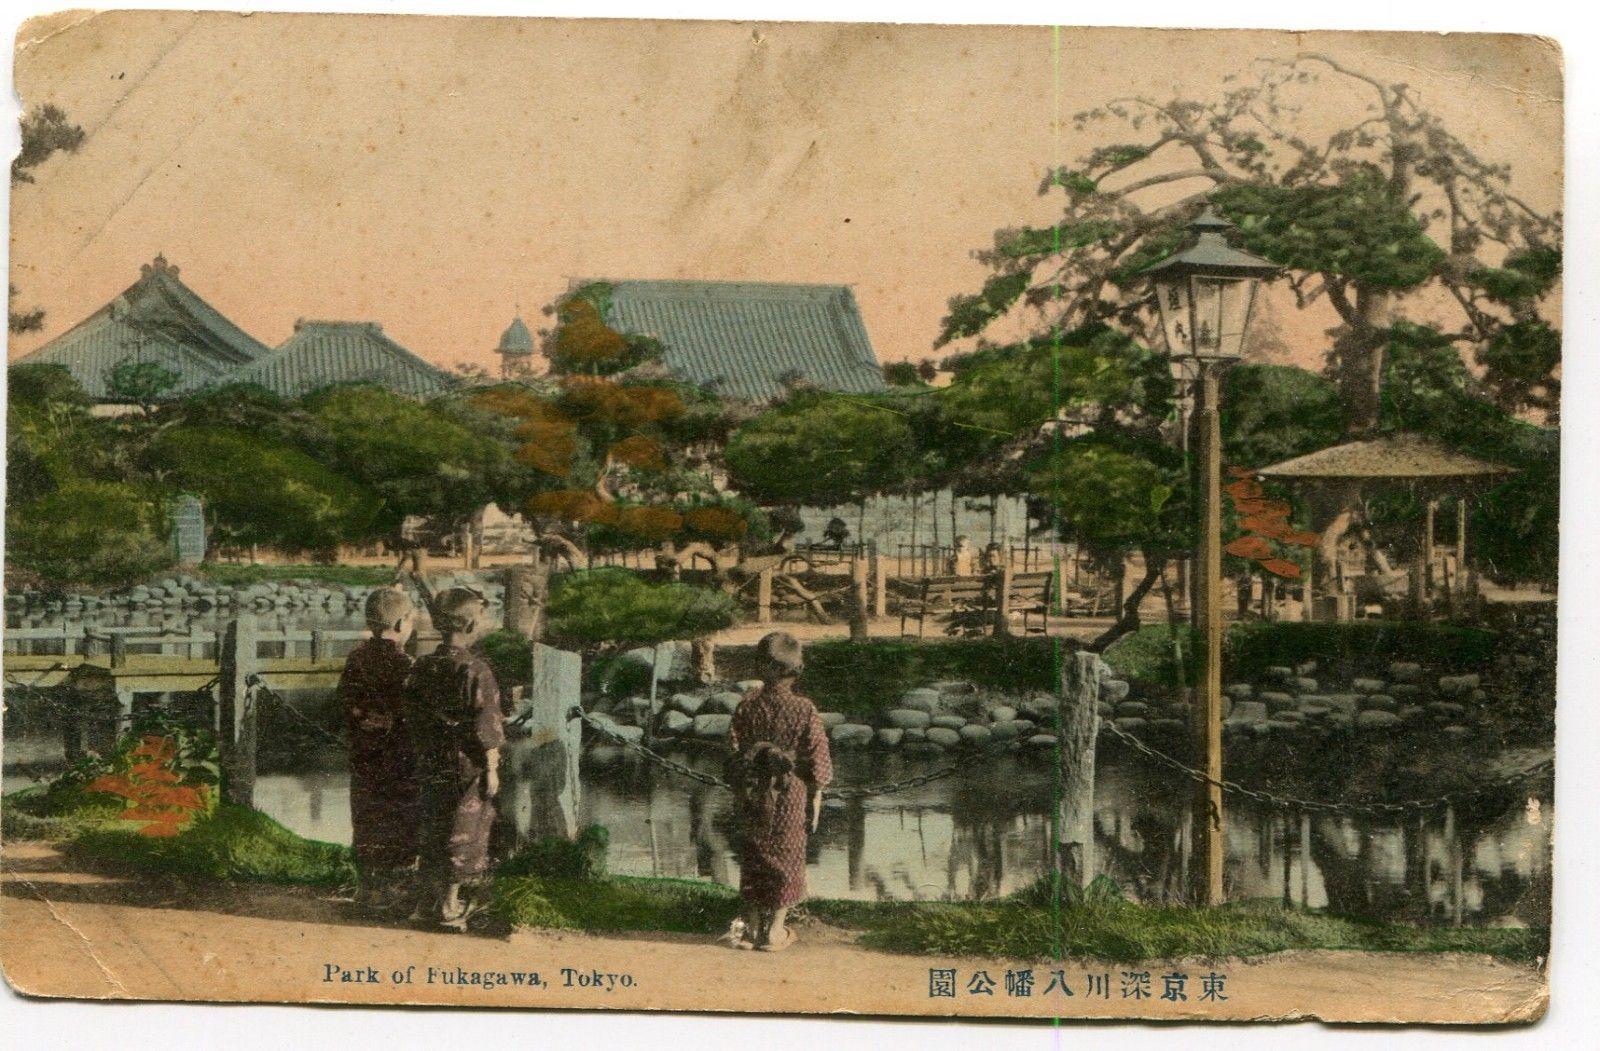 Fukagawa-Park-Kids-old-postcard.jpg